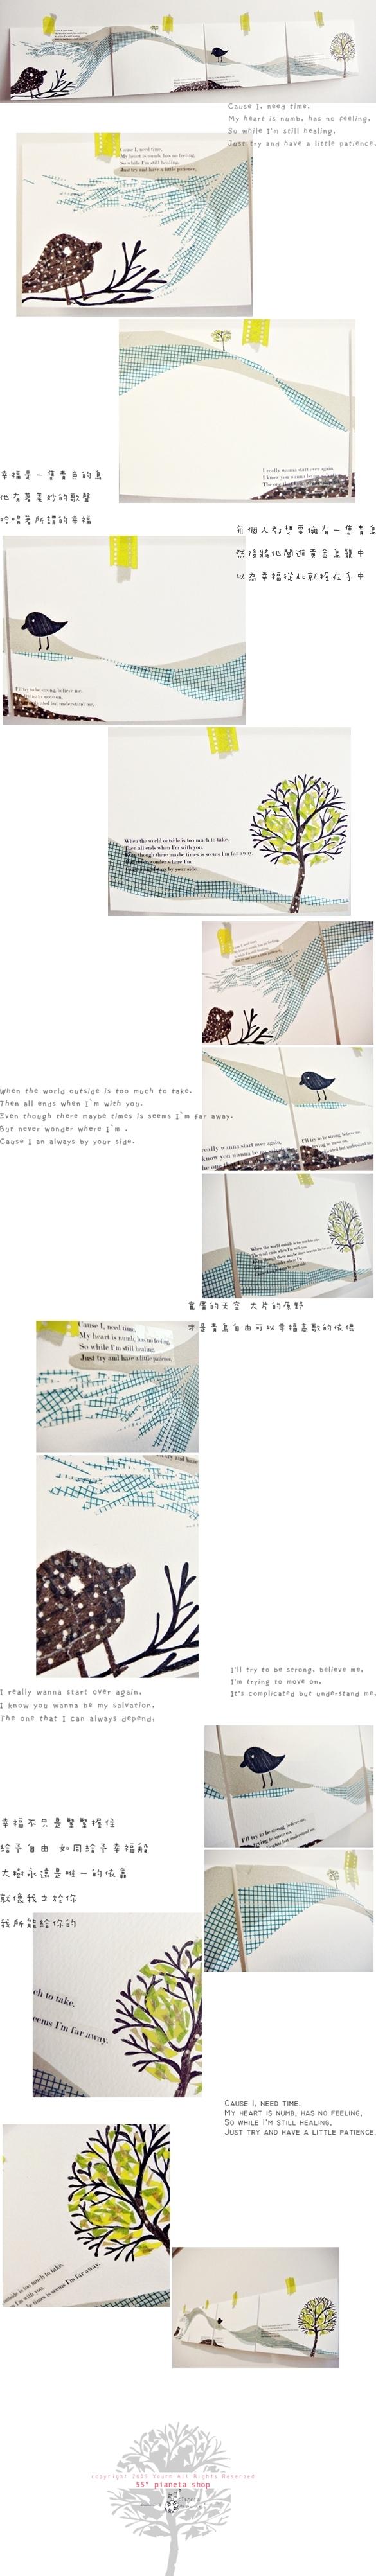 青鳥 照片排版-vert.jpg